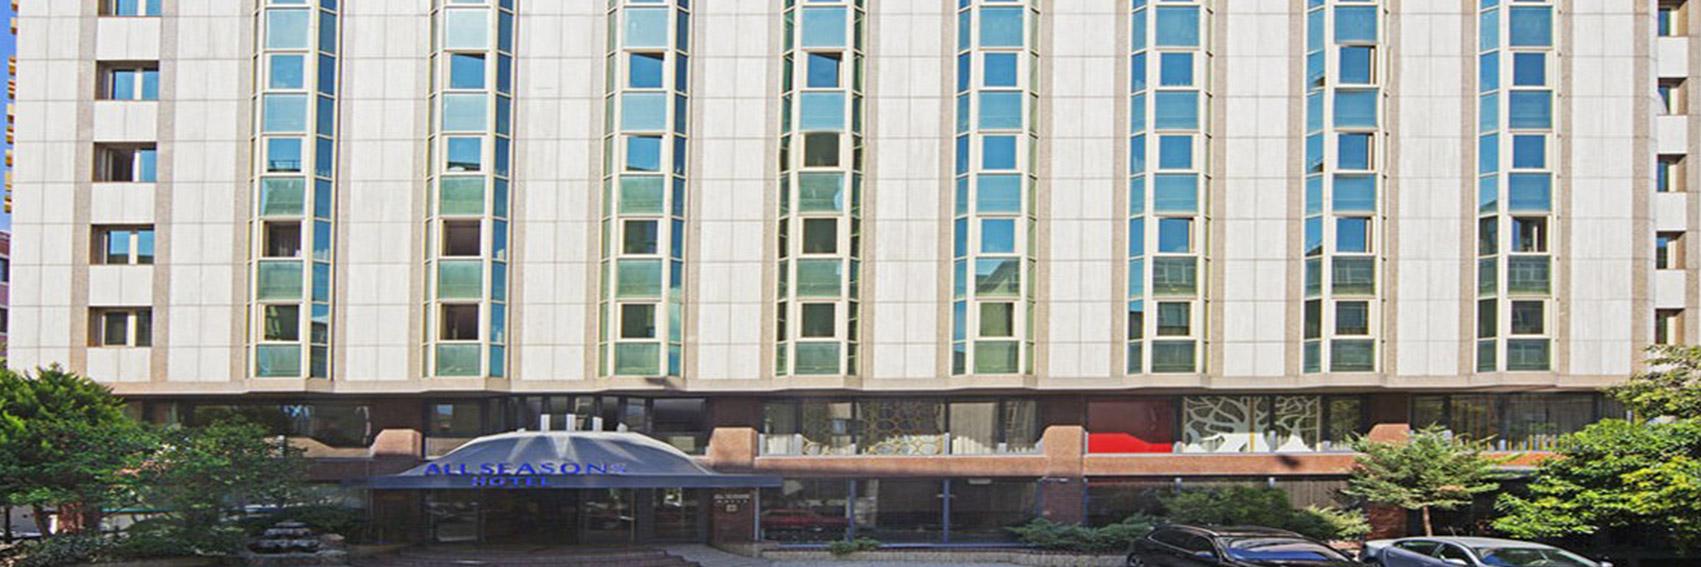 نمایی زیبا از هتل آل این در استانبول